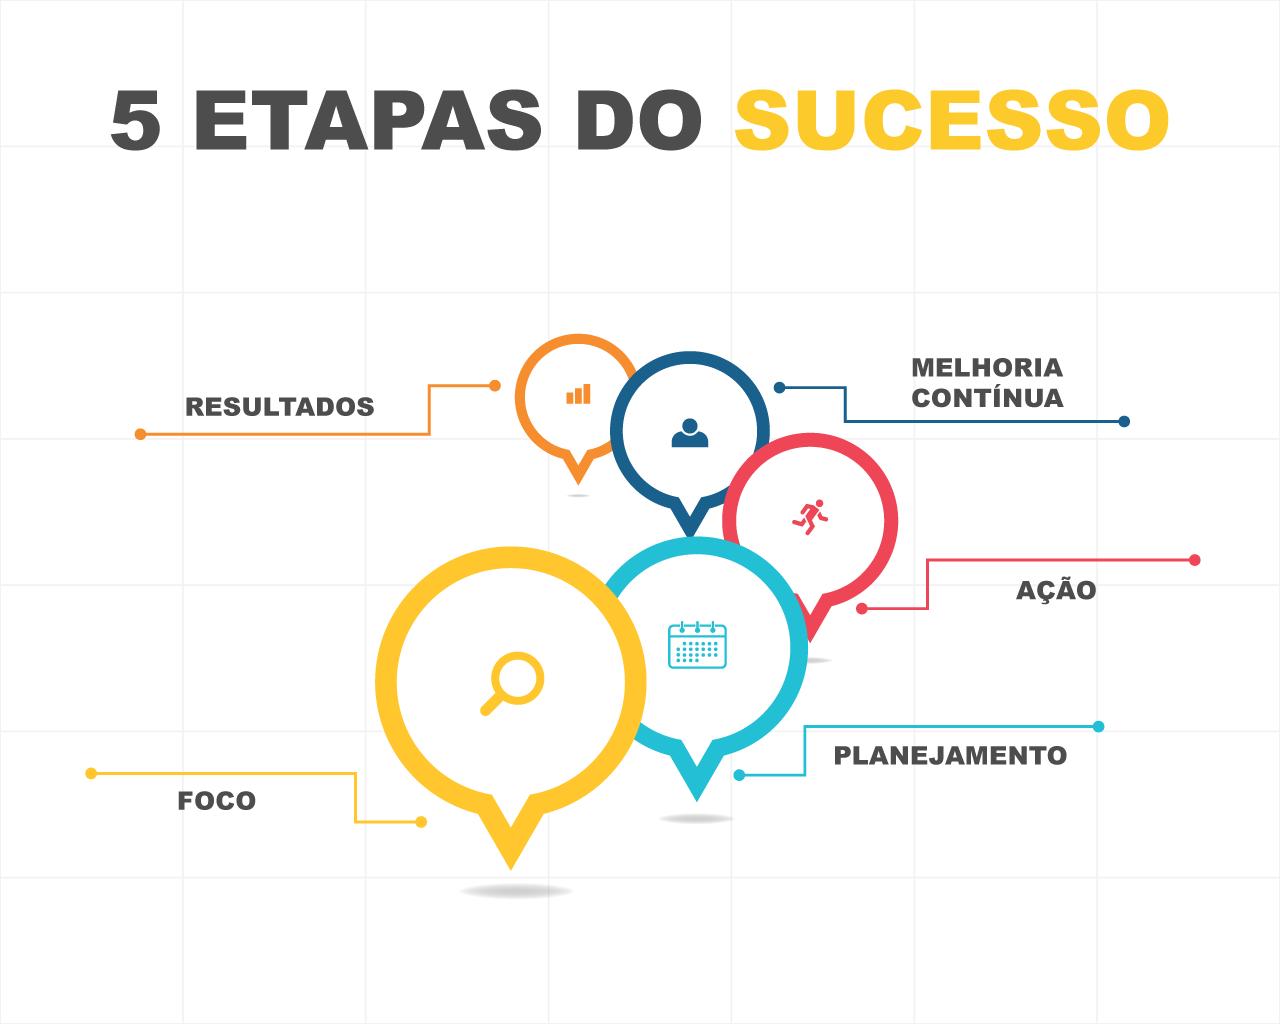 5 etapas do sucesso